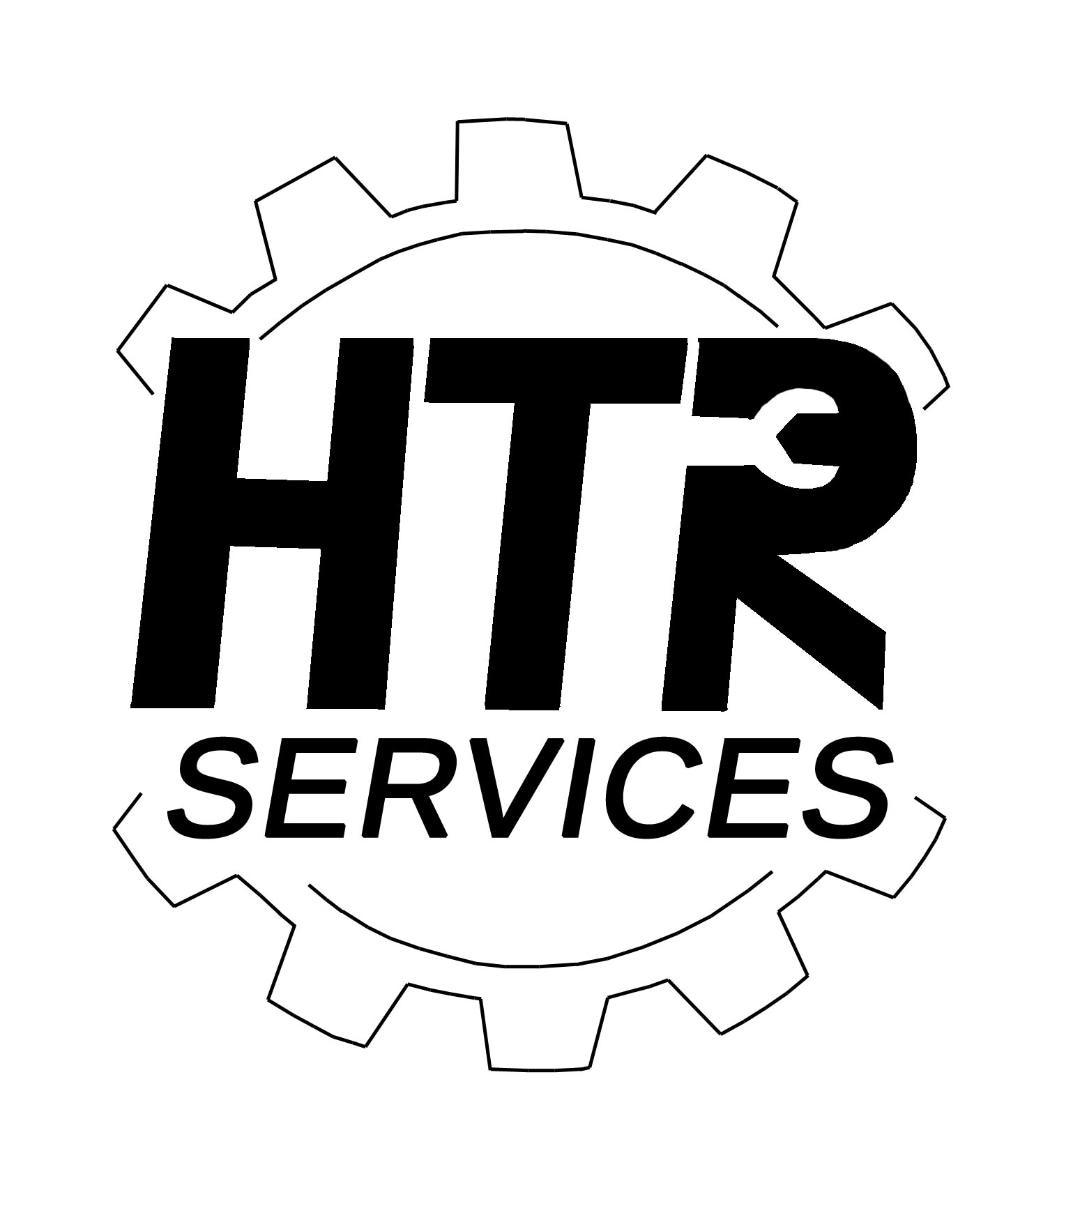 HTR Services